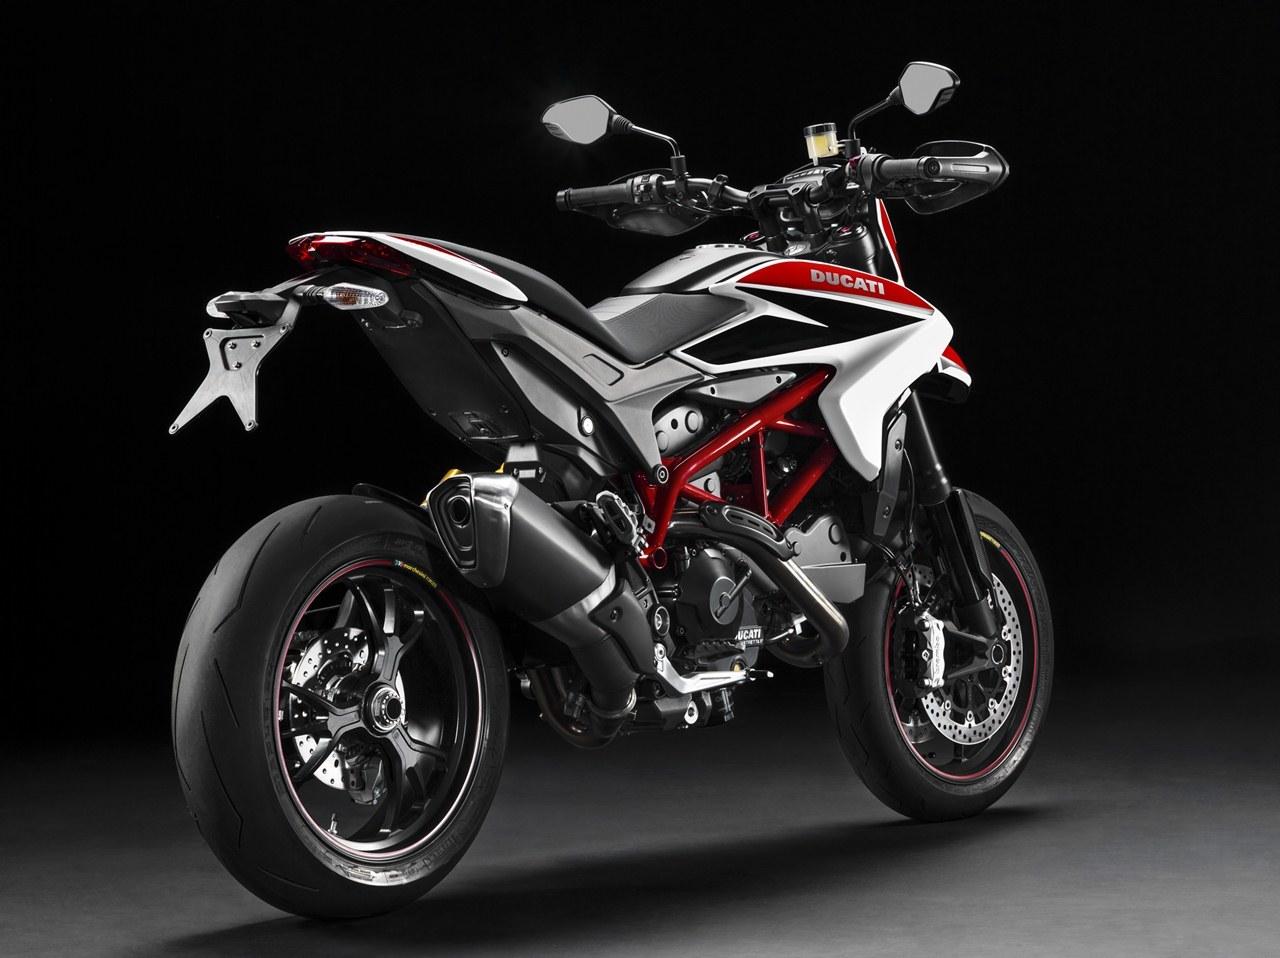 Foto de Ducati Hypermotard, Hypermotard SP e Hyperstrada (19/19)